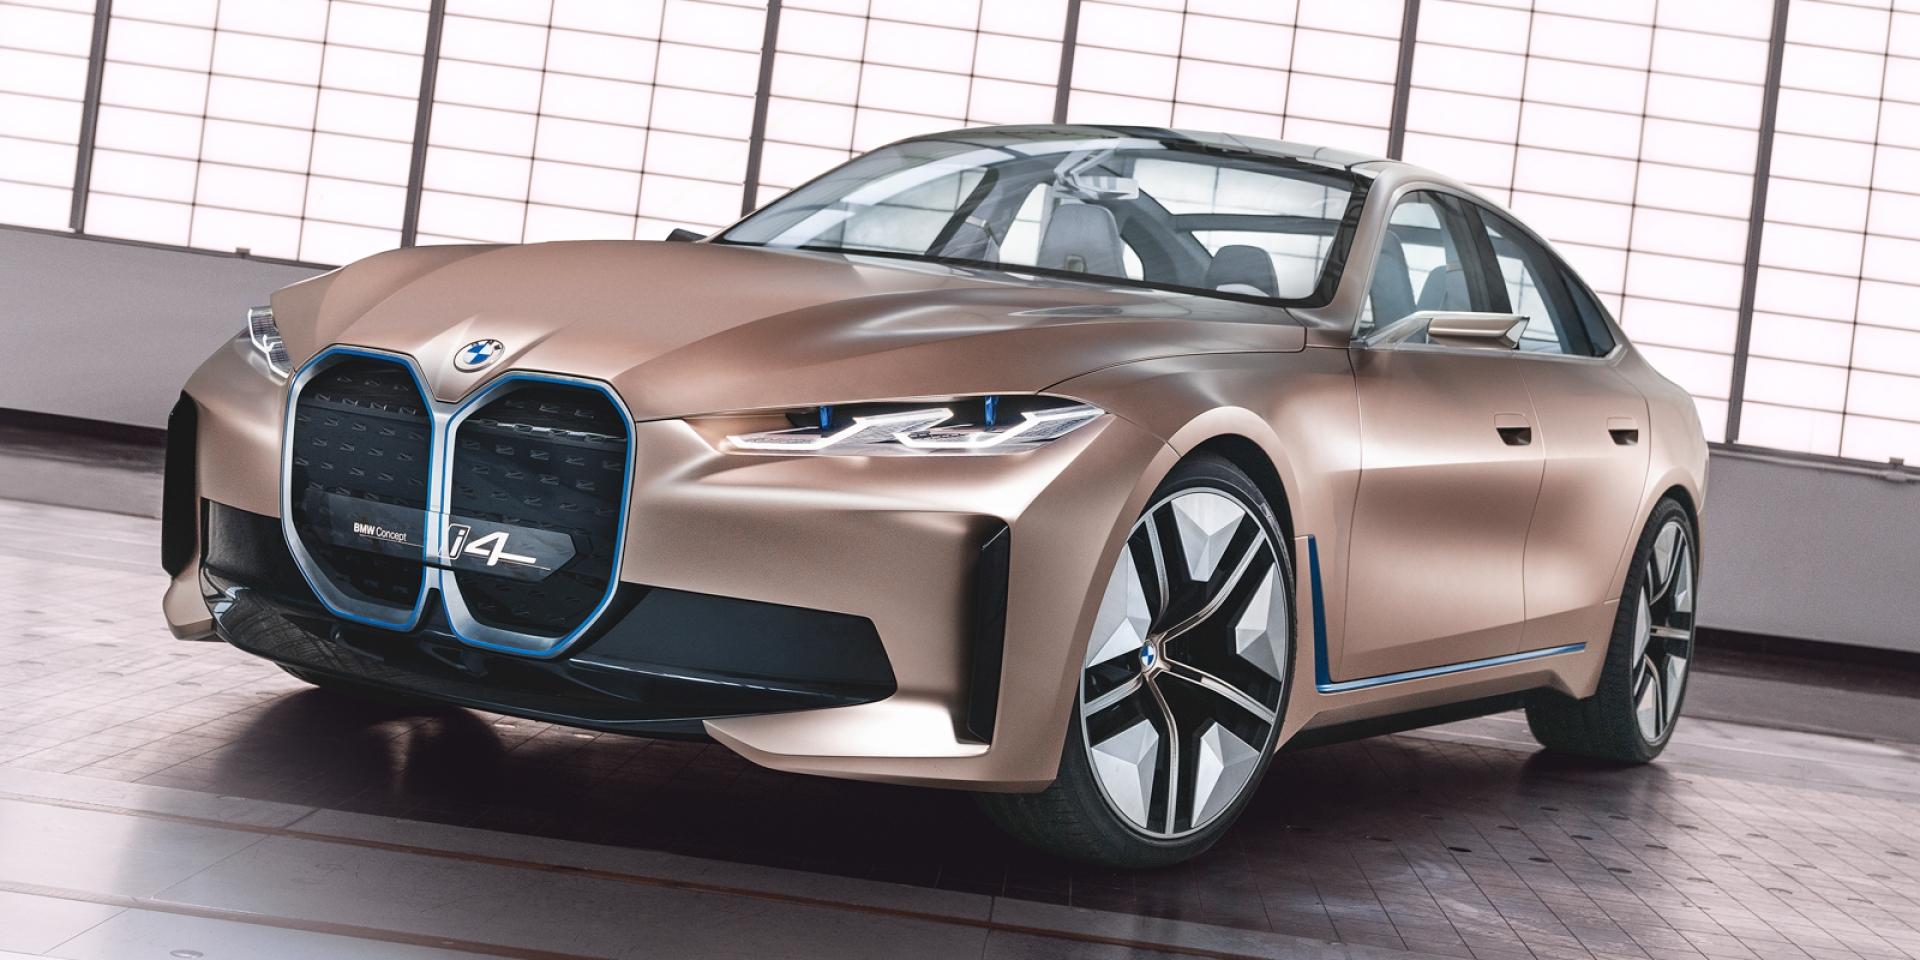 2020消失的日內瓦車展 全新豬鼻來了!BMW Concept i4發表